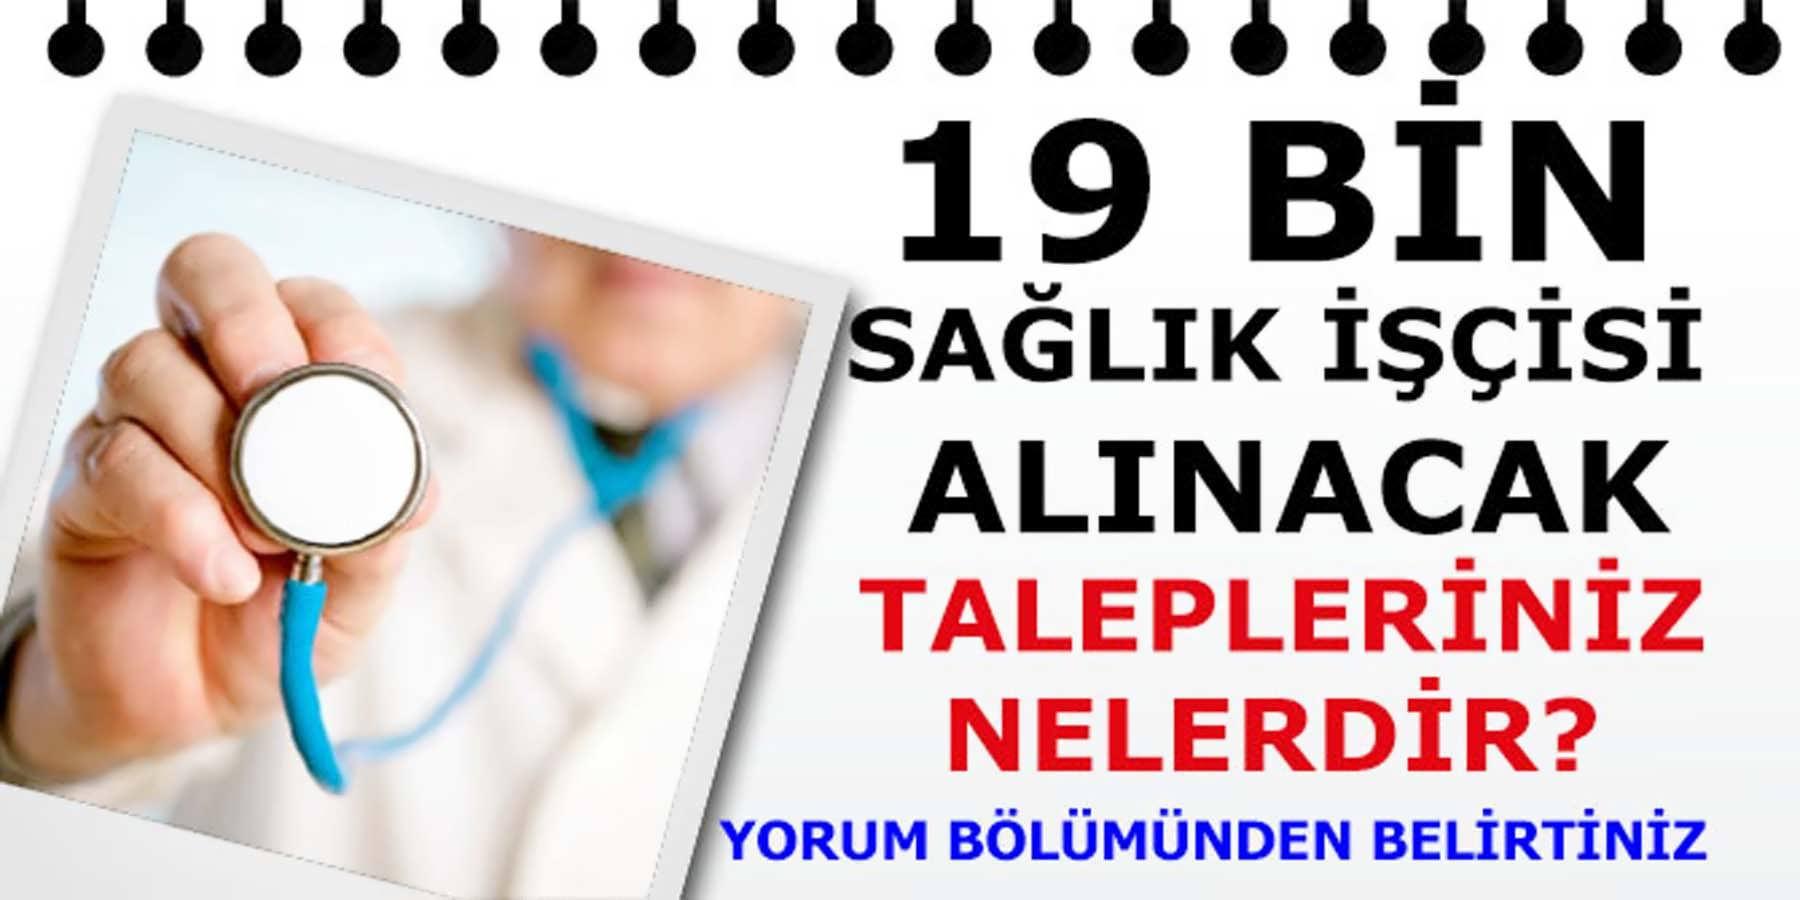 Sağlık Bakanlığına 19 Bin Sağlık İşçisi Alınacak (Talepleriniz Neler)